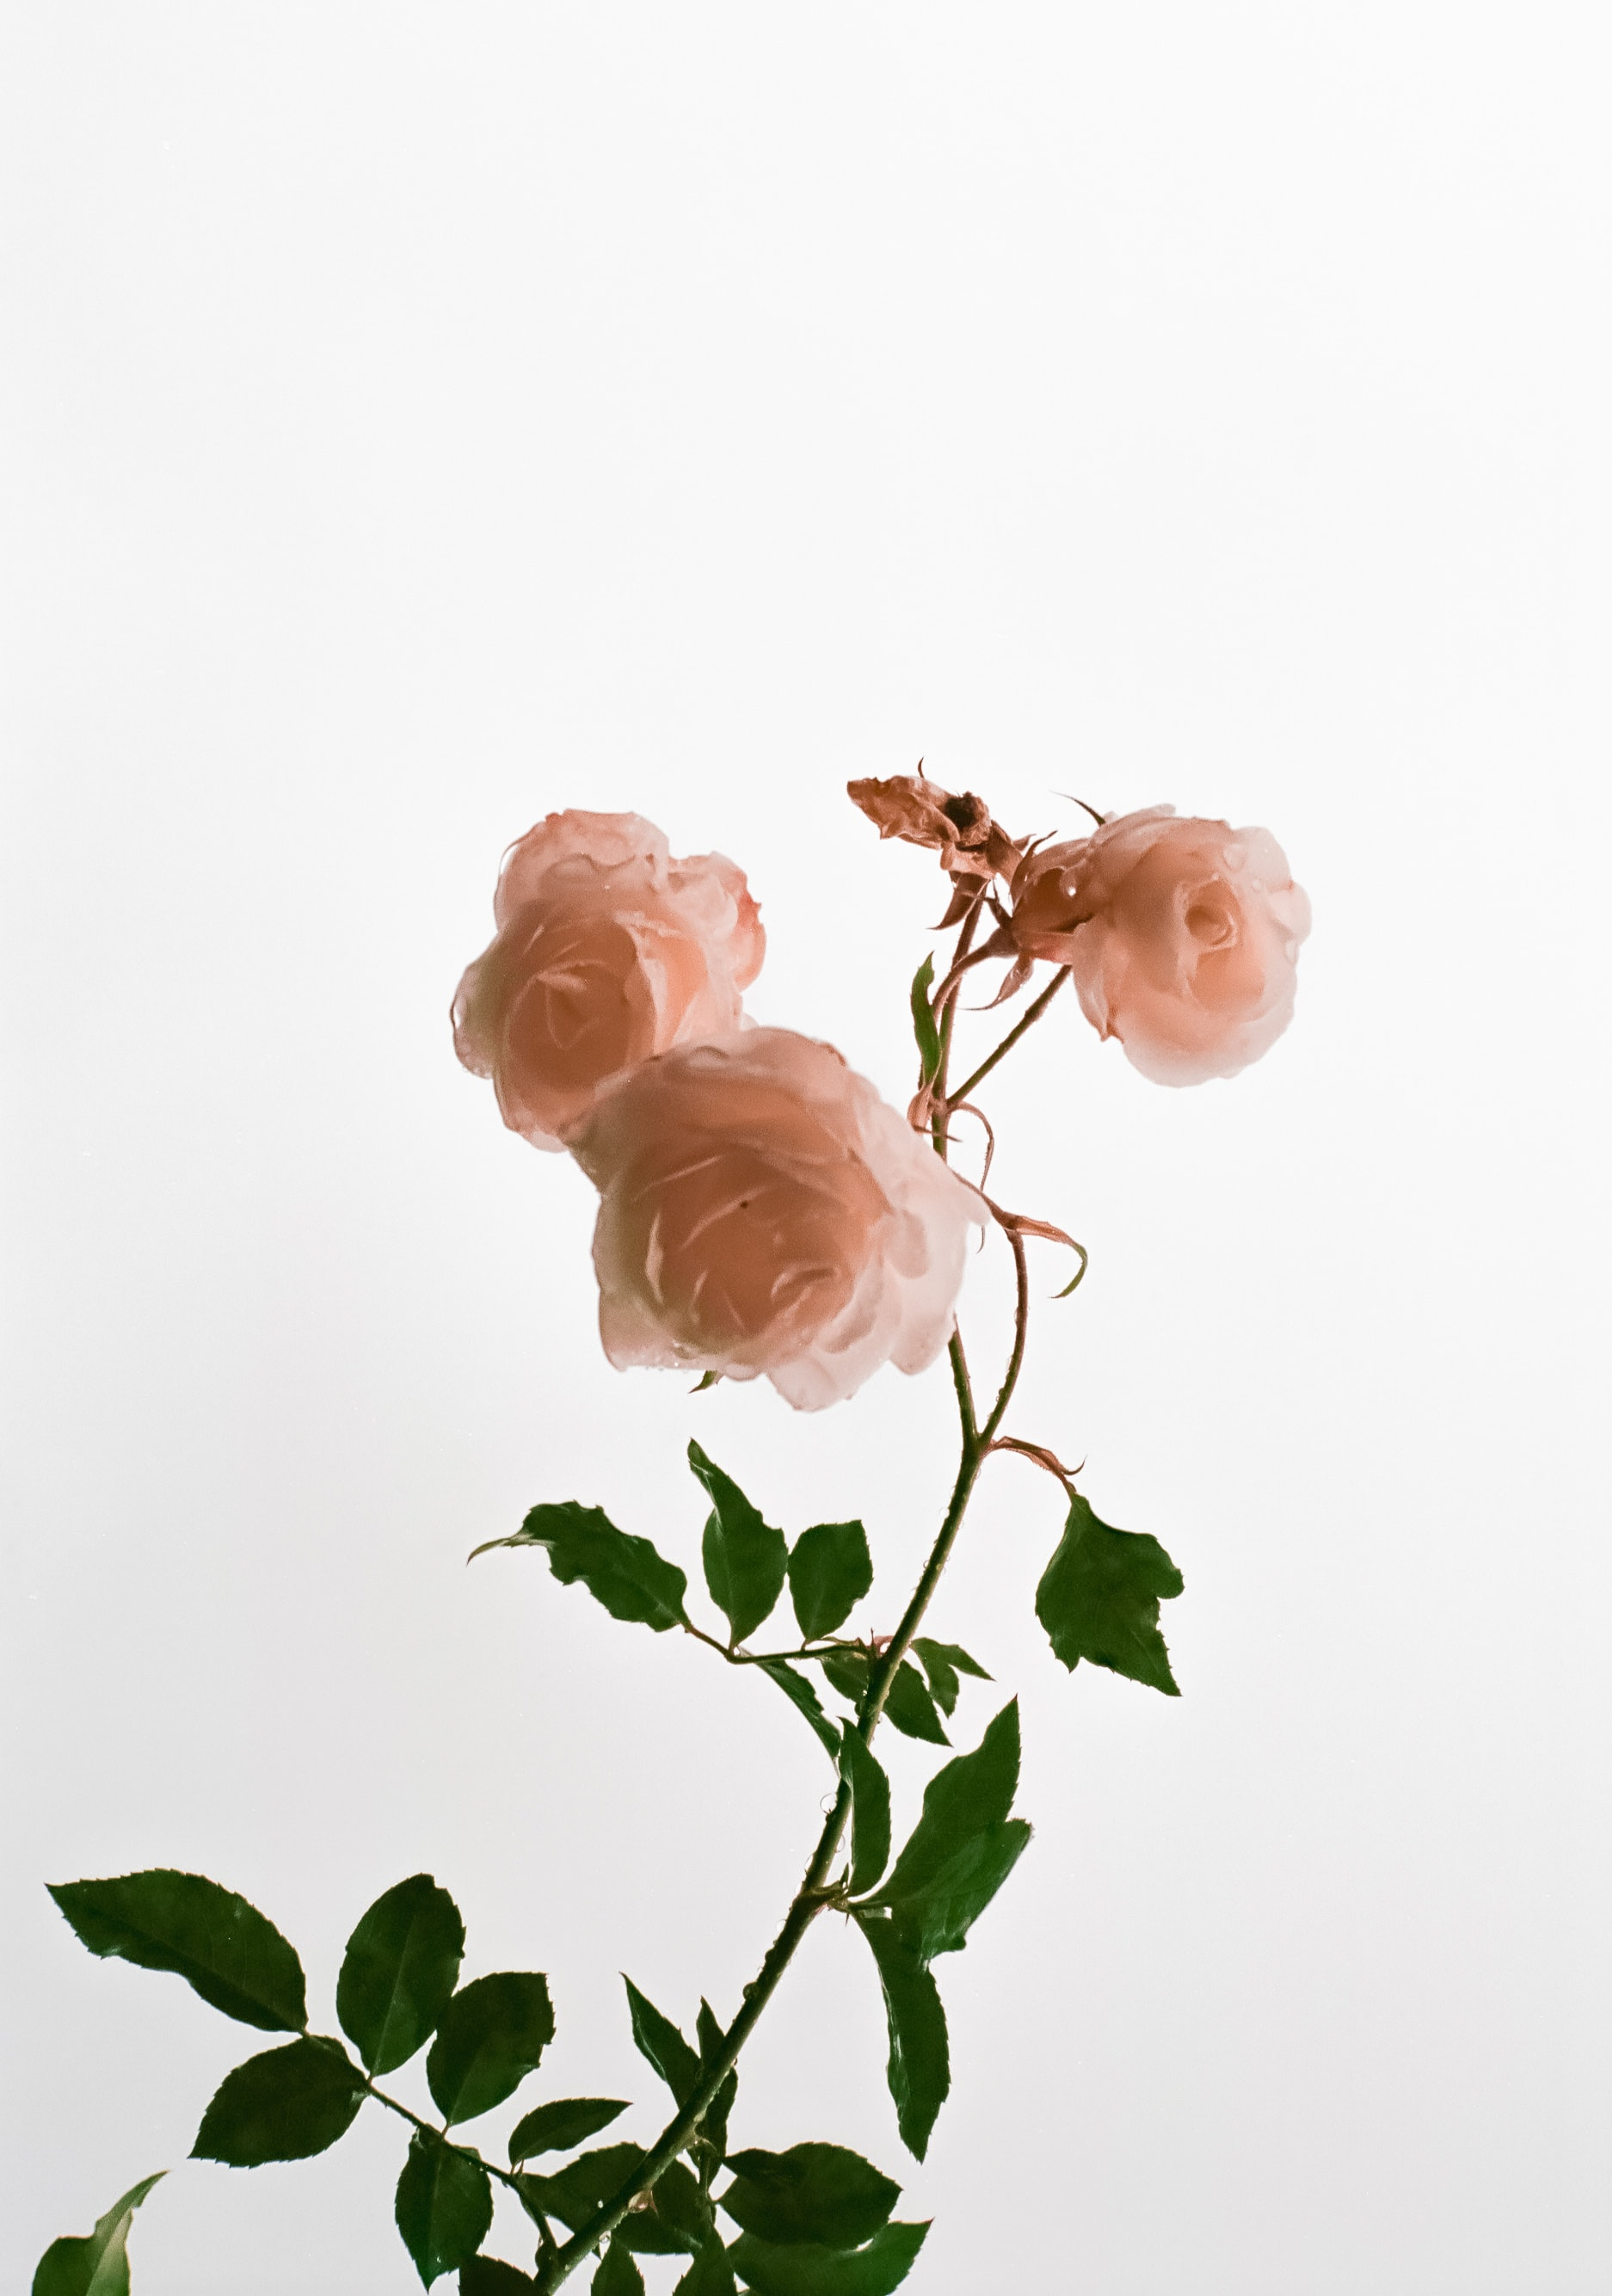 開花期は5~6月のものが多いと言われている、言わずと知れた「花の女王」。華やかでエレガントなものから、少しくすんだカラーなどのナチュラルな雰囲気のものまで、種類が豊富にあります。